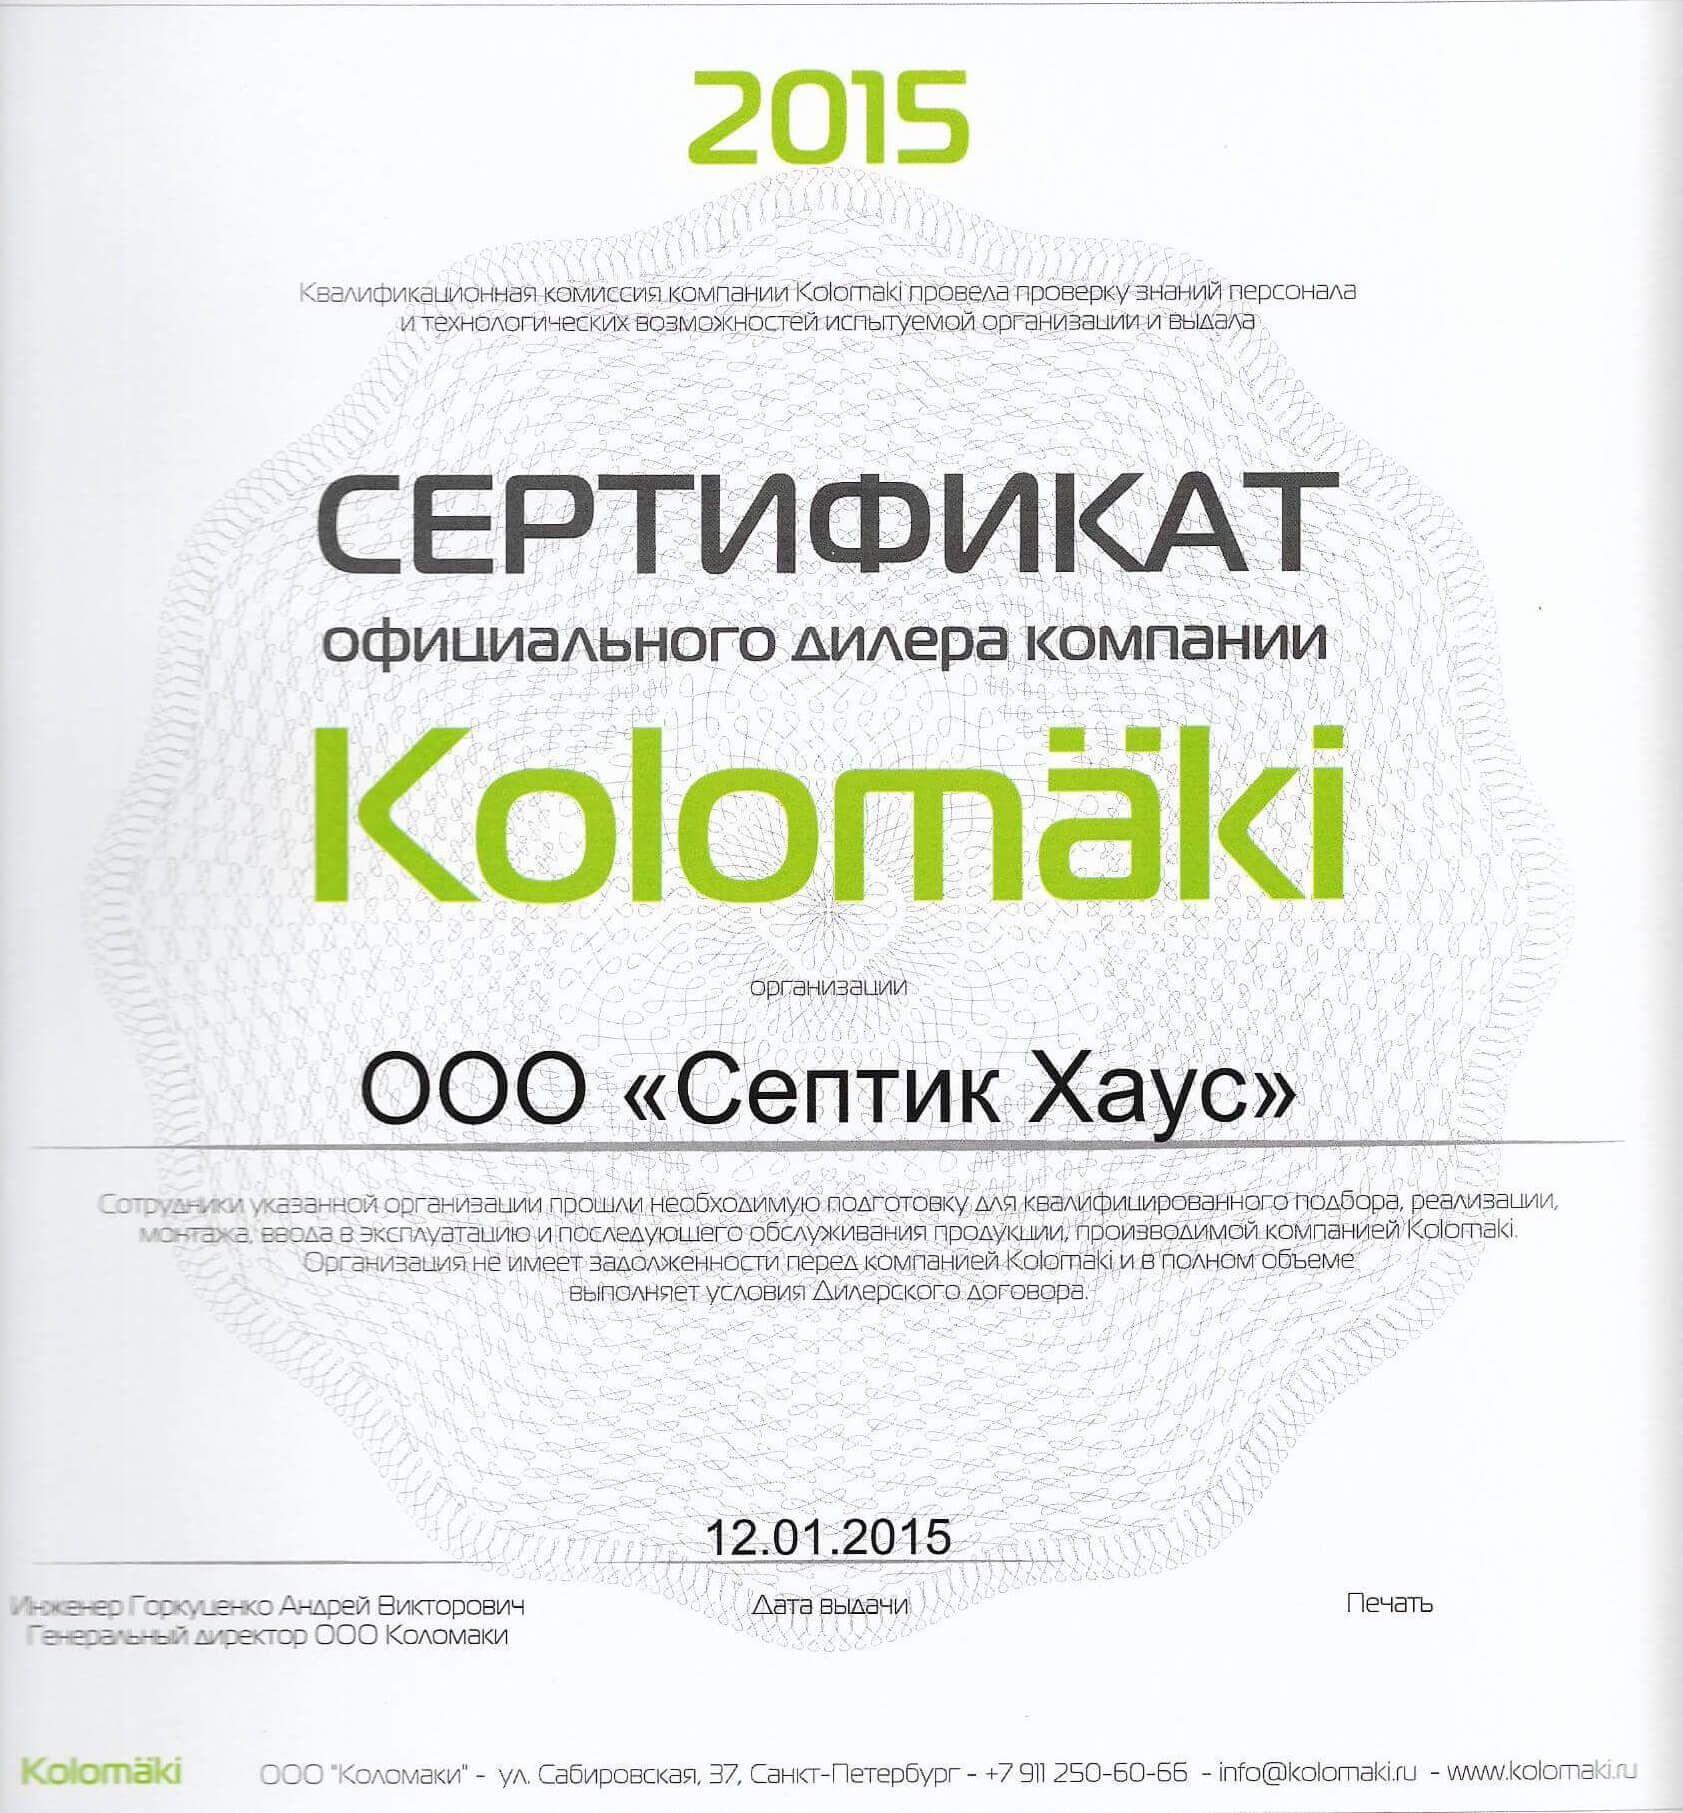 Сертификат официального дилера Коловеси